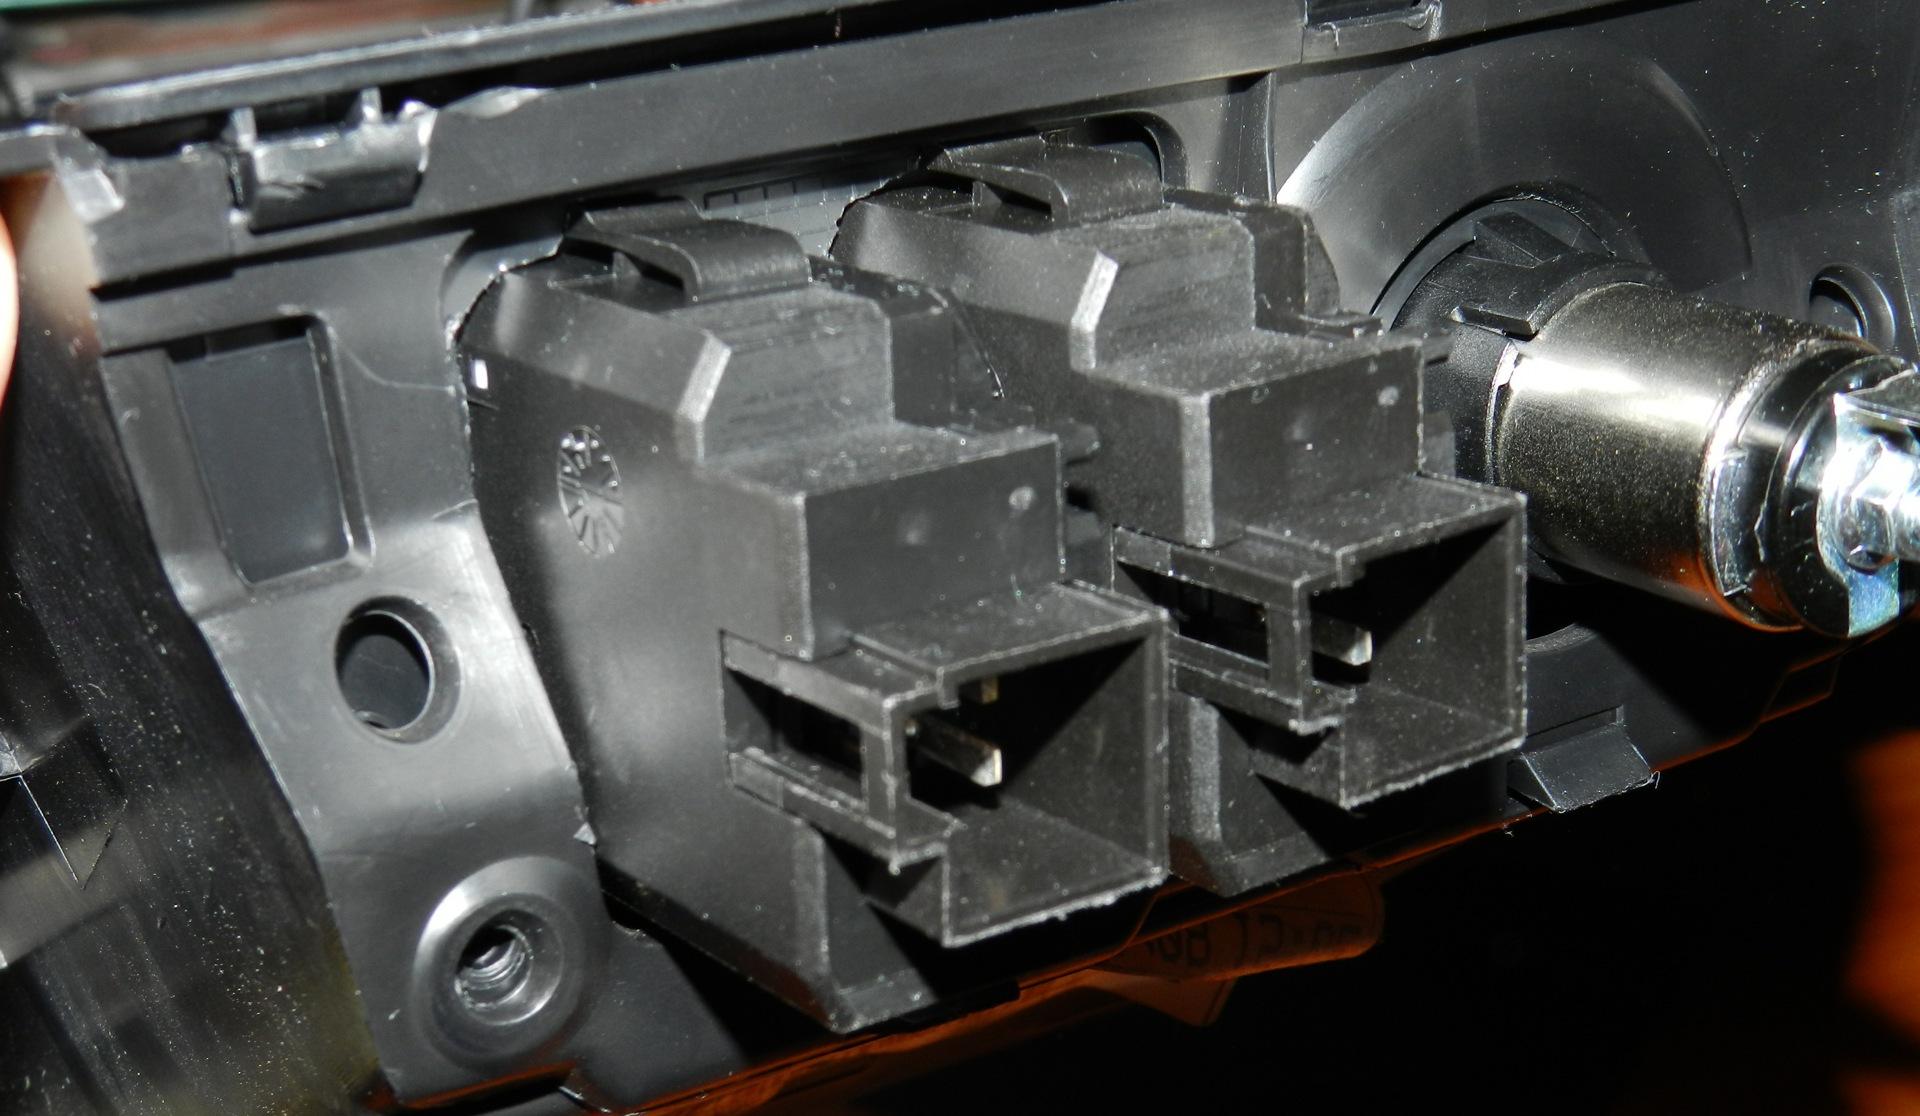 В комплекте Емеля УК-2 имеется специальное реле, схема подключения и вся необходимая проводка.